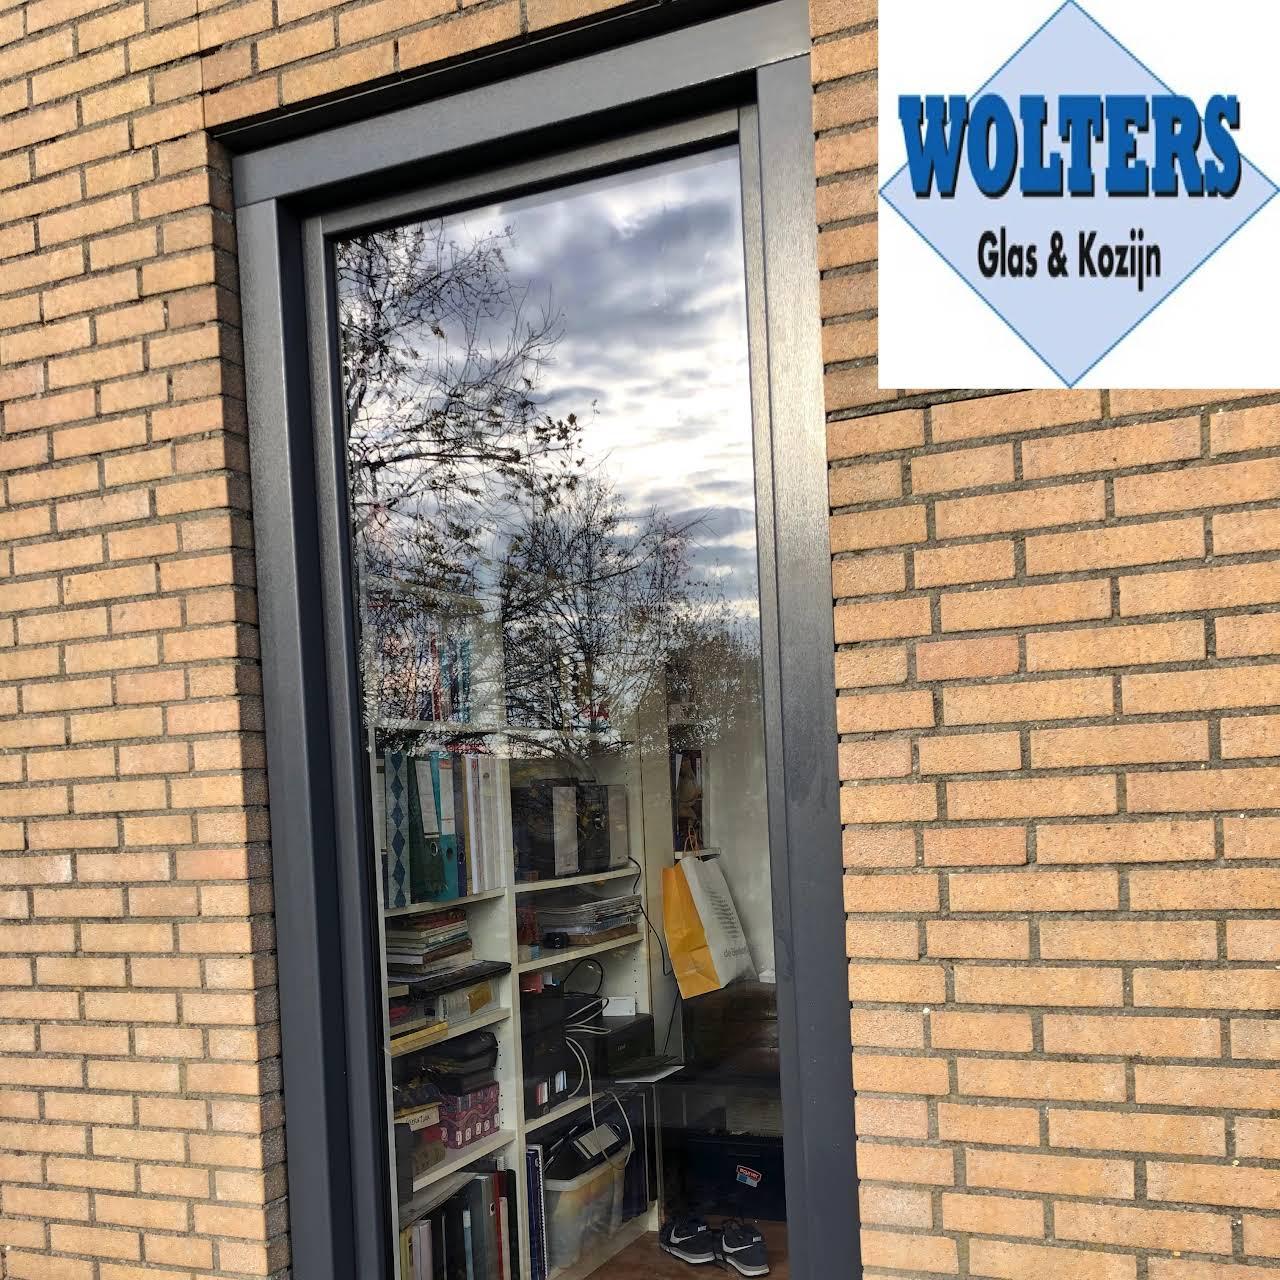 Spiksplinternieuw Wolters Glas & Kozijn - Specialist in glas, houten- & kunststof SW-78